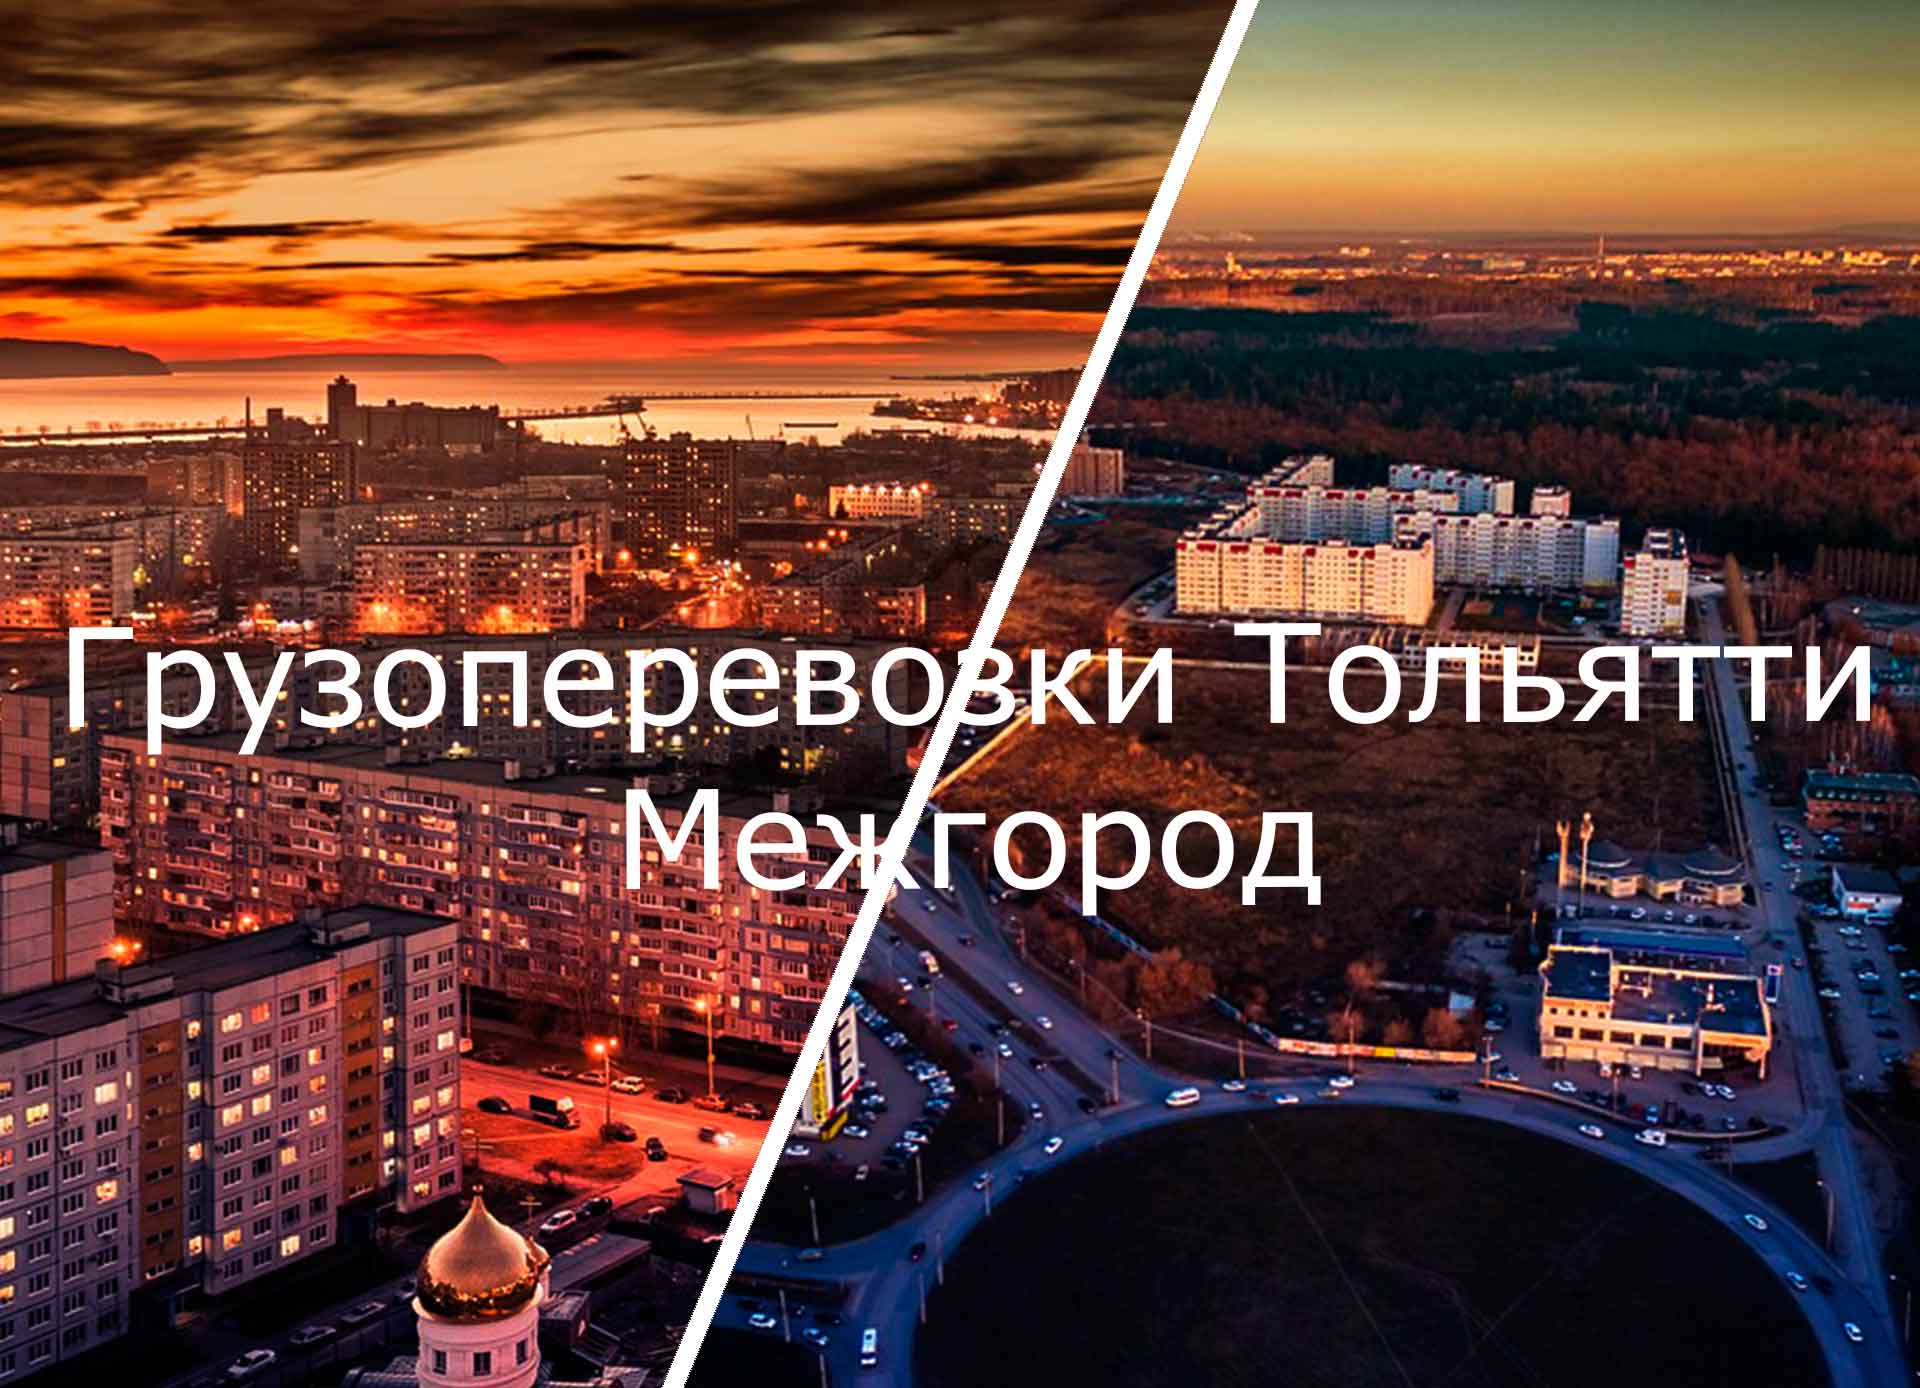 грузоперевозки тольятти межгород